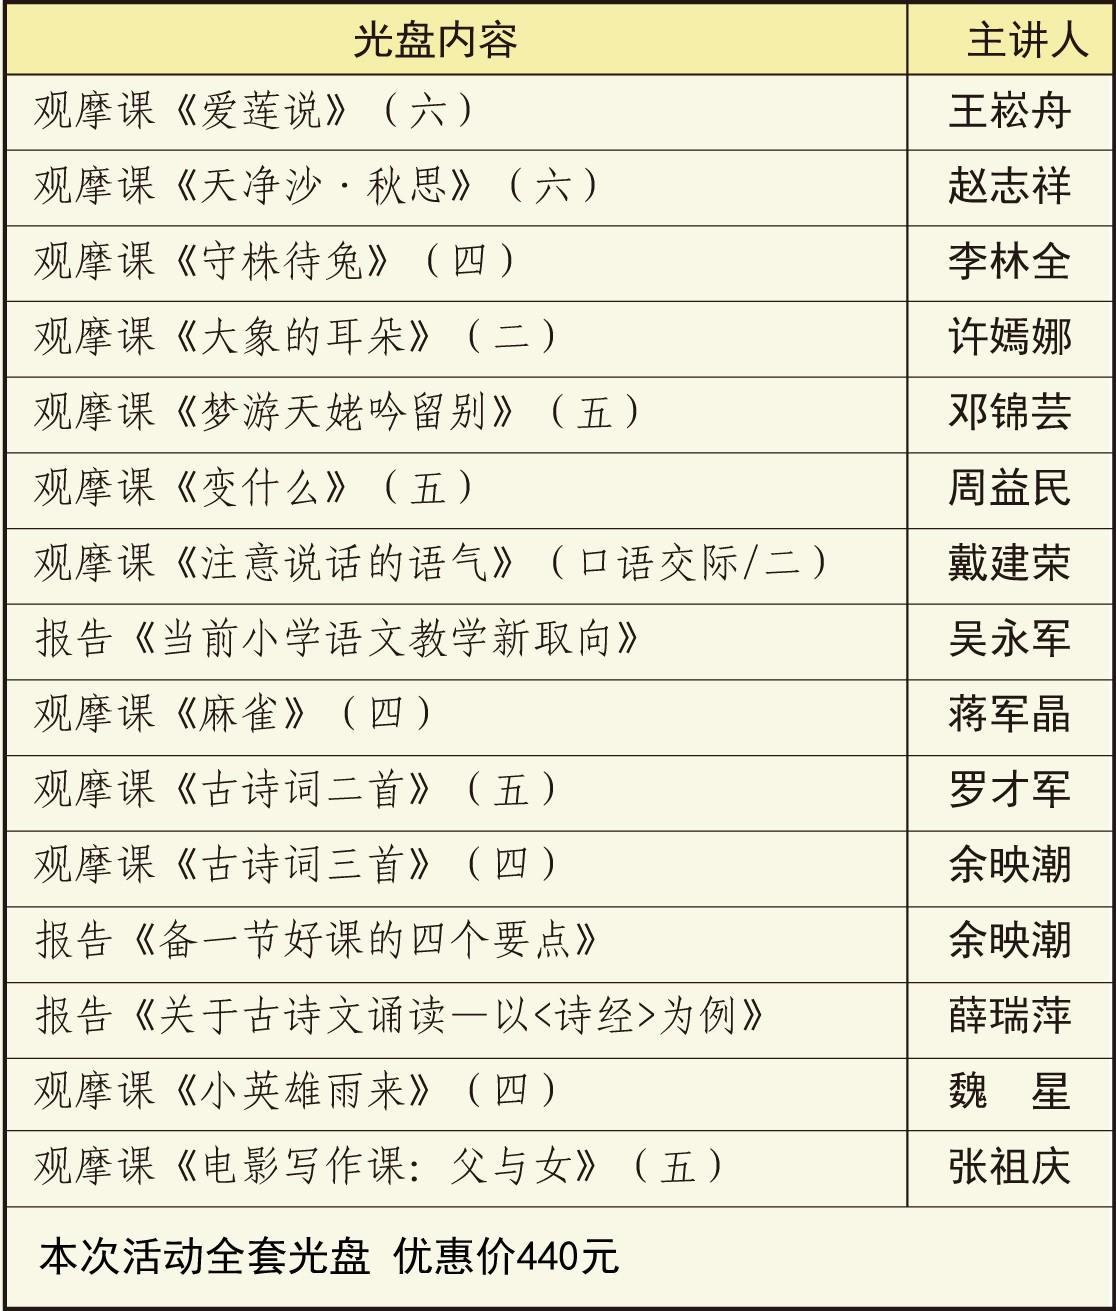 深圳语文光盘图.jpg